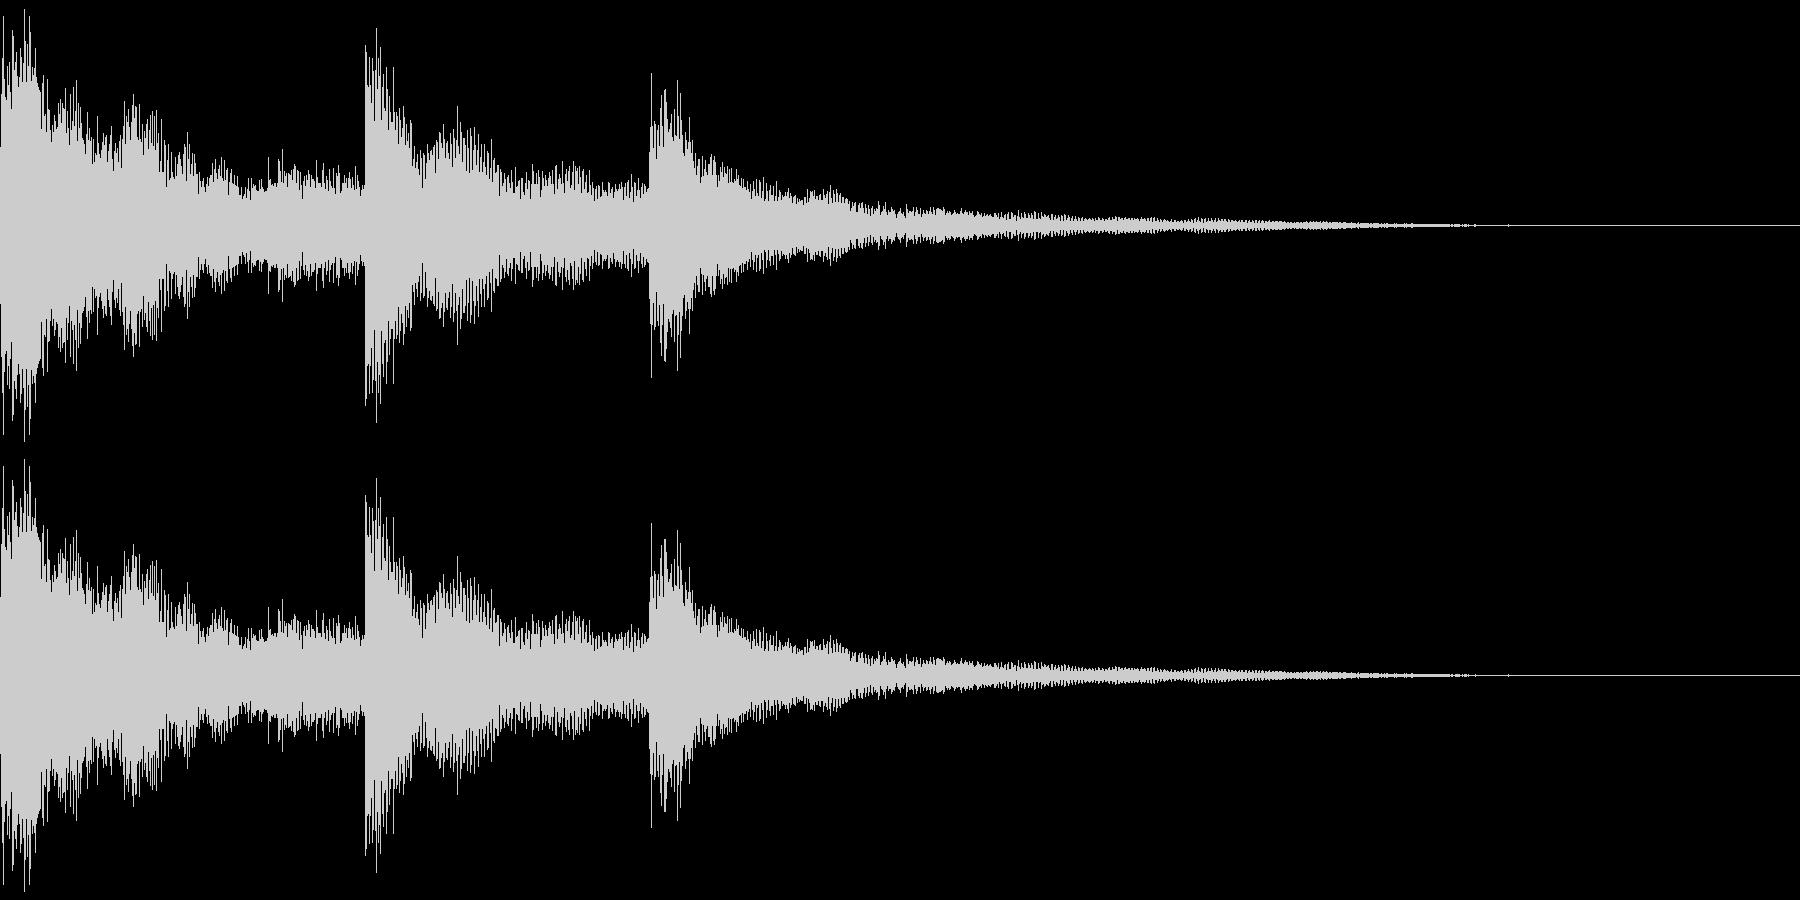 ウインドチャイム効果音(チュワリーン)の未再生の波形